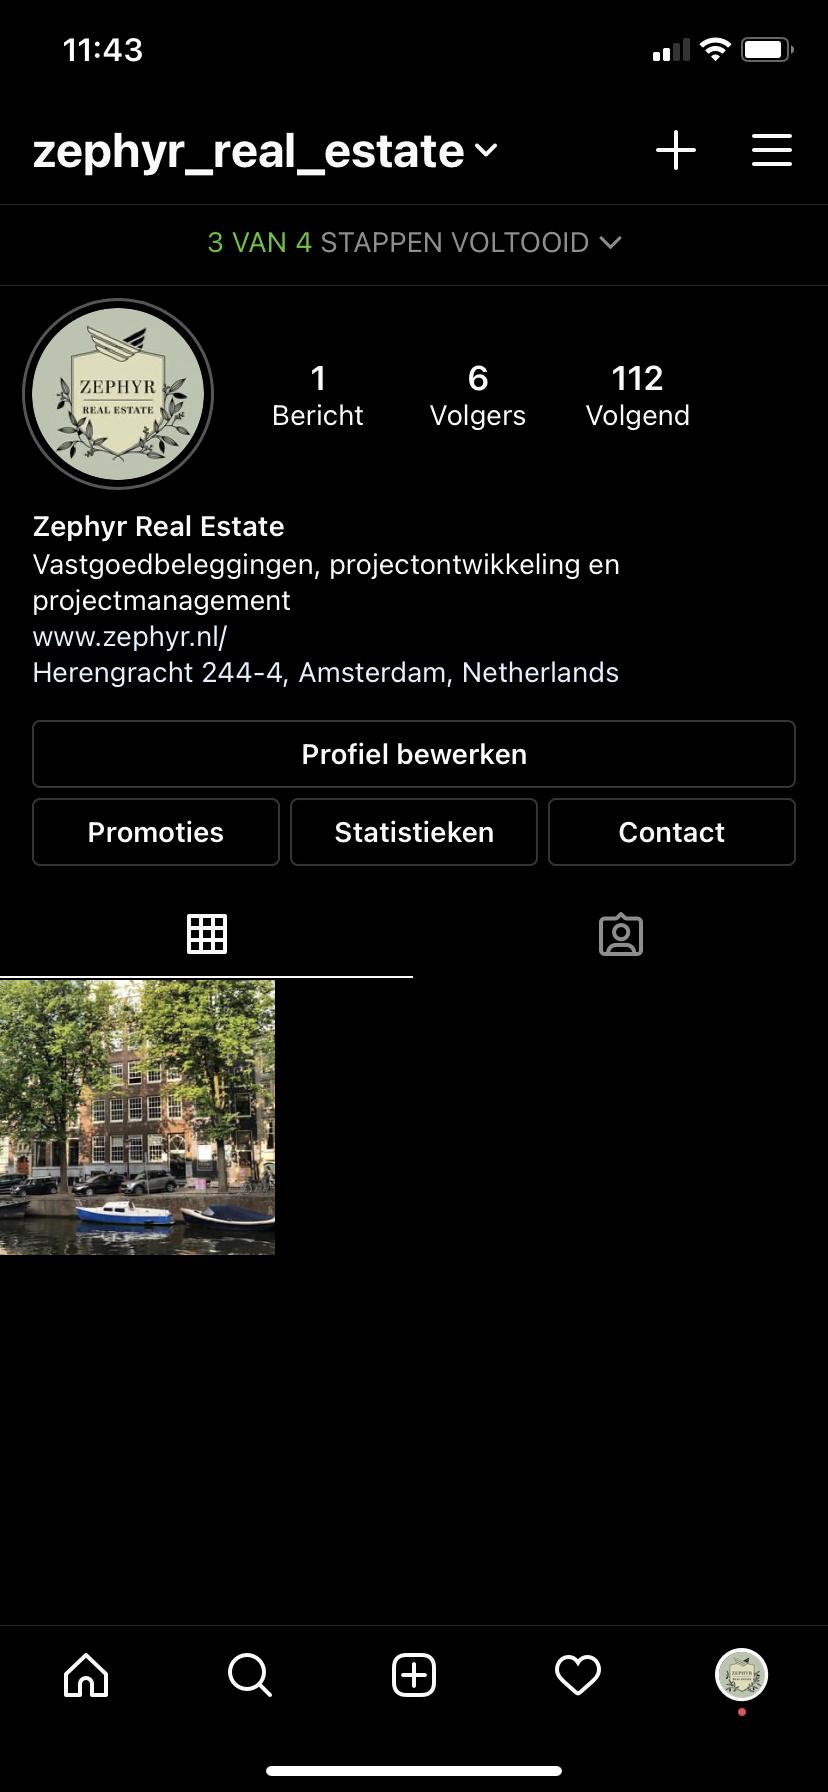 Zephyr Real Estate insta